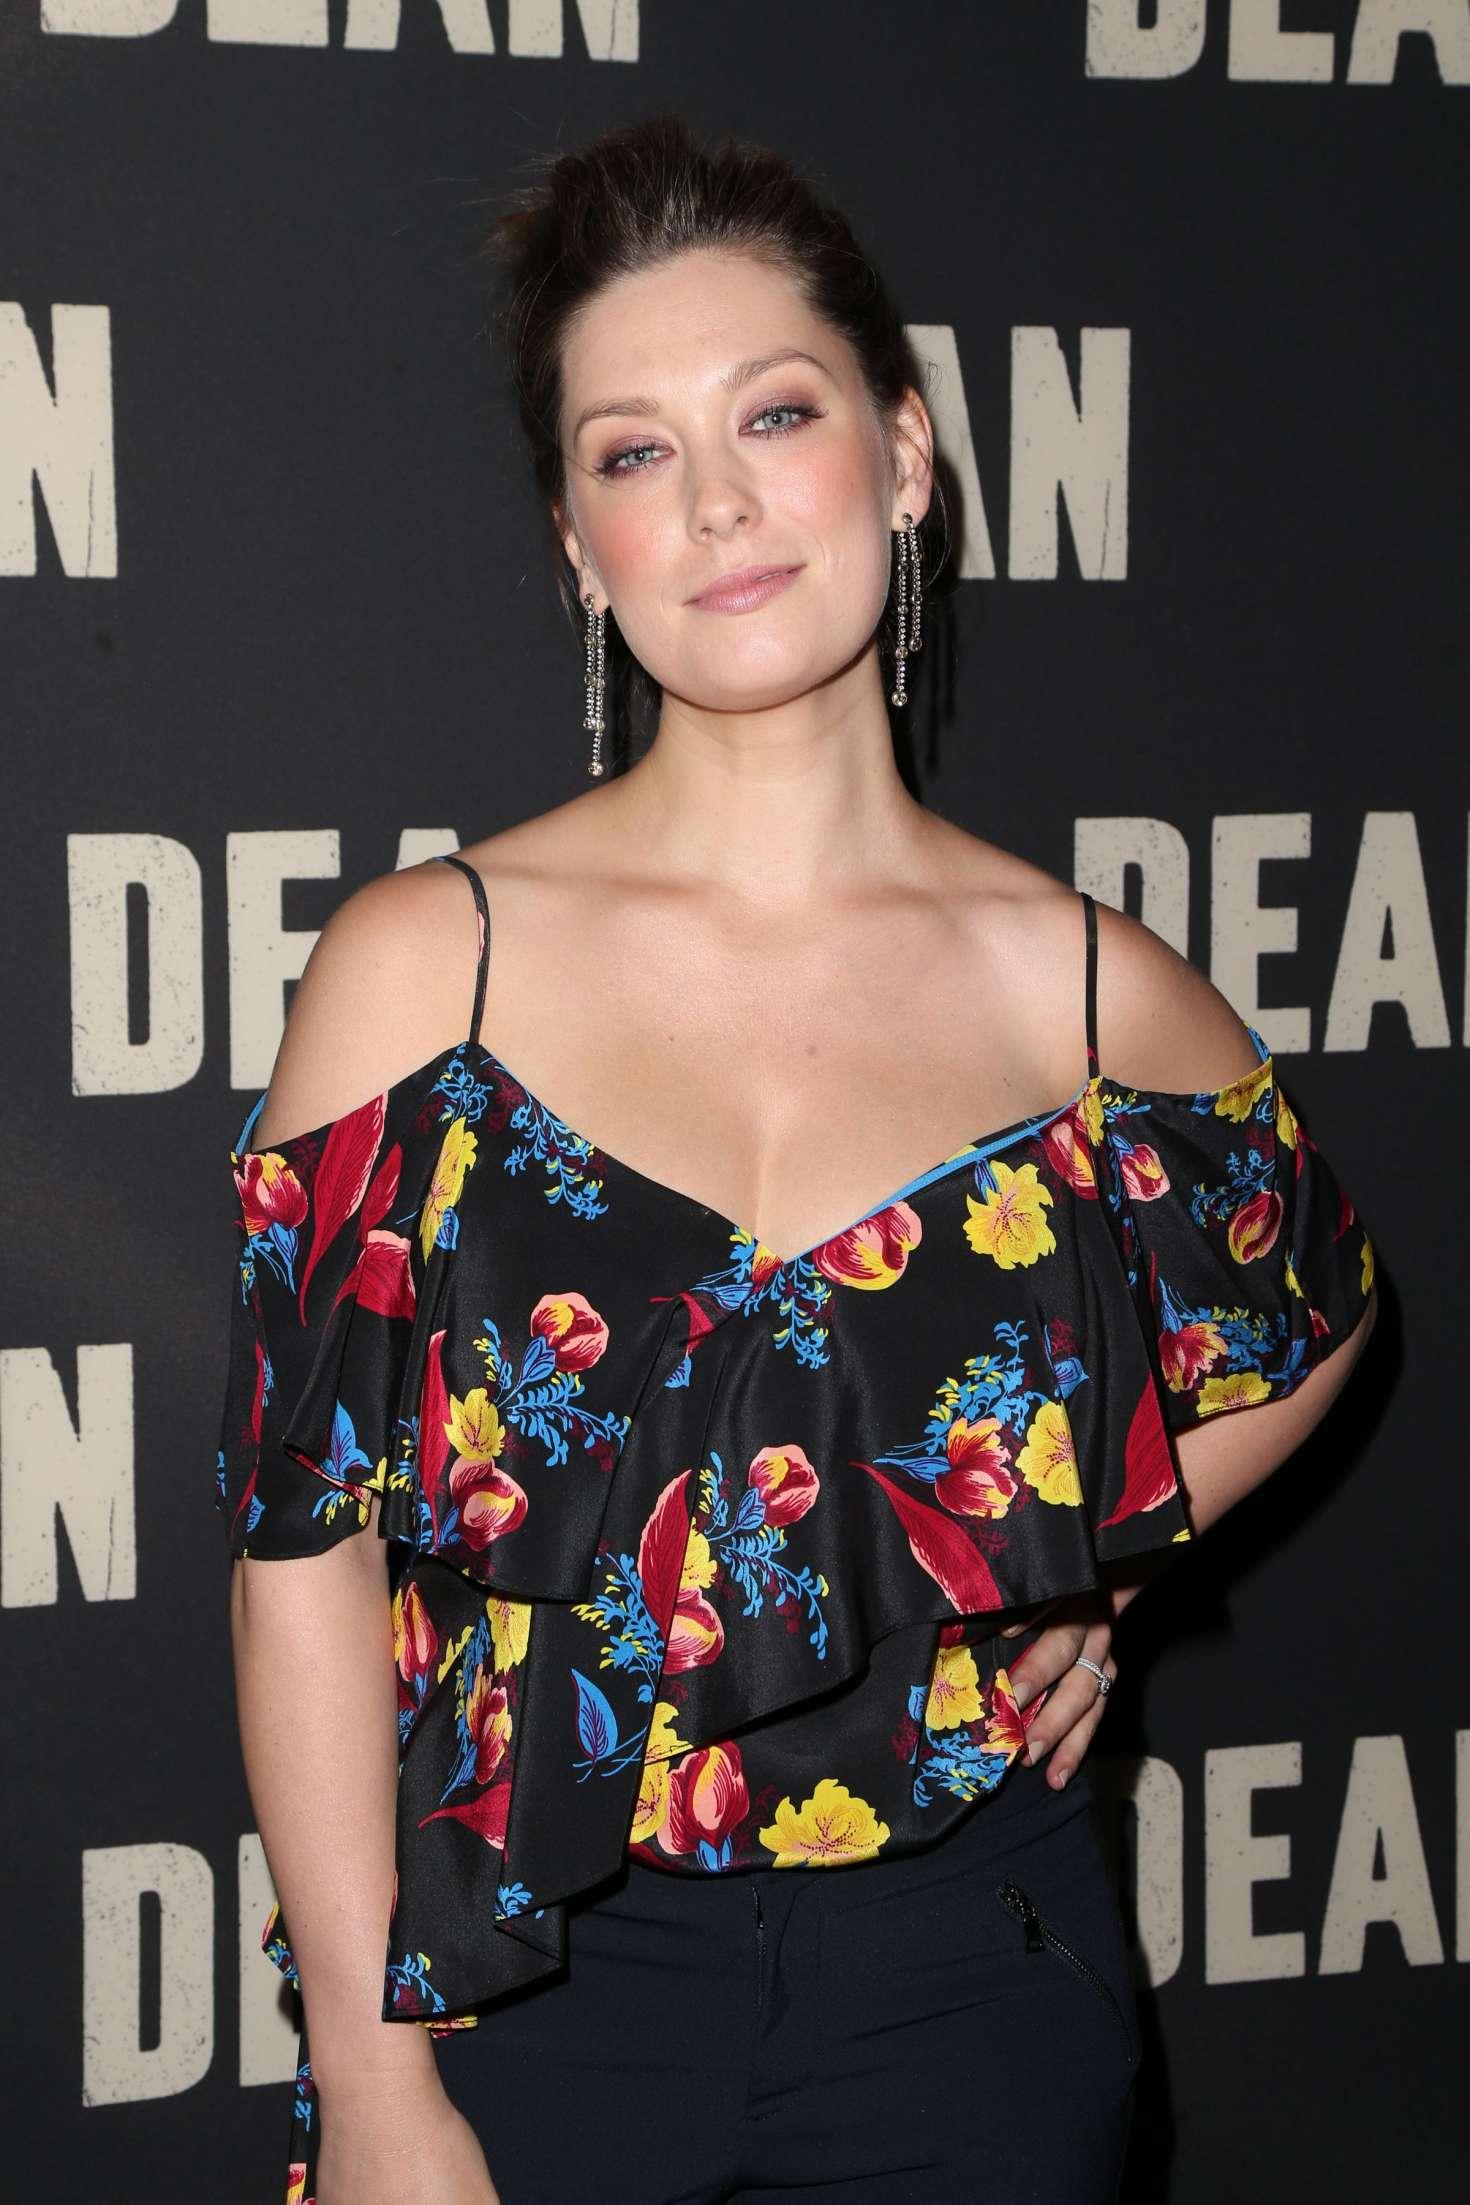 Briga Heelan 2017 : Briga Heelan: Dean Screening in Los Angeles -10